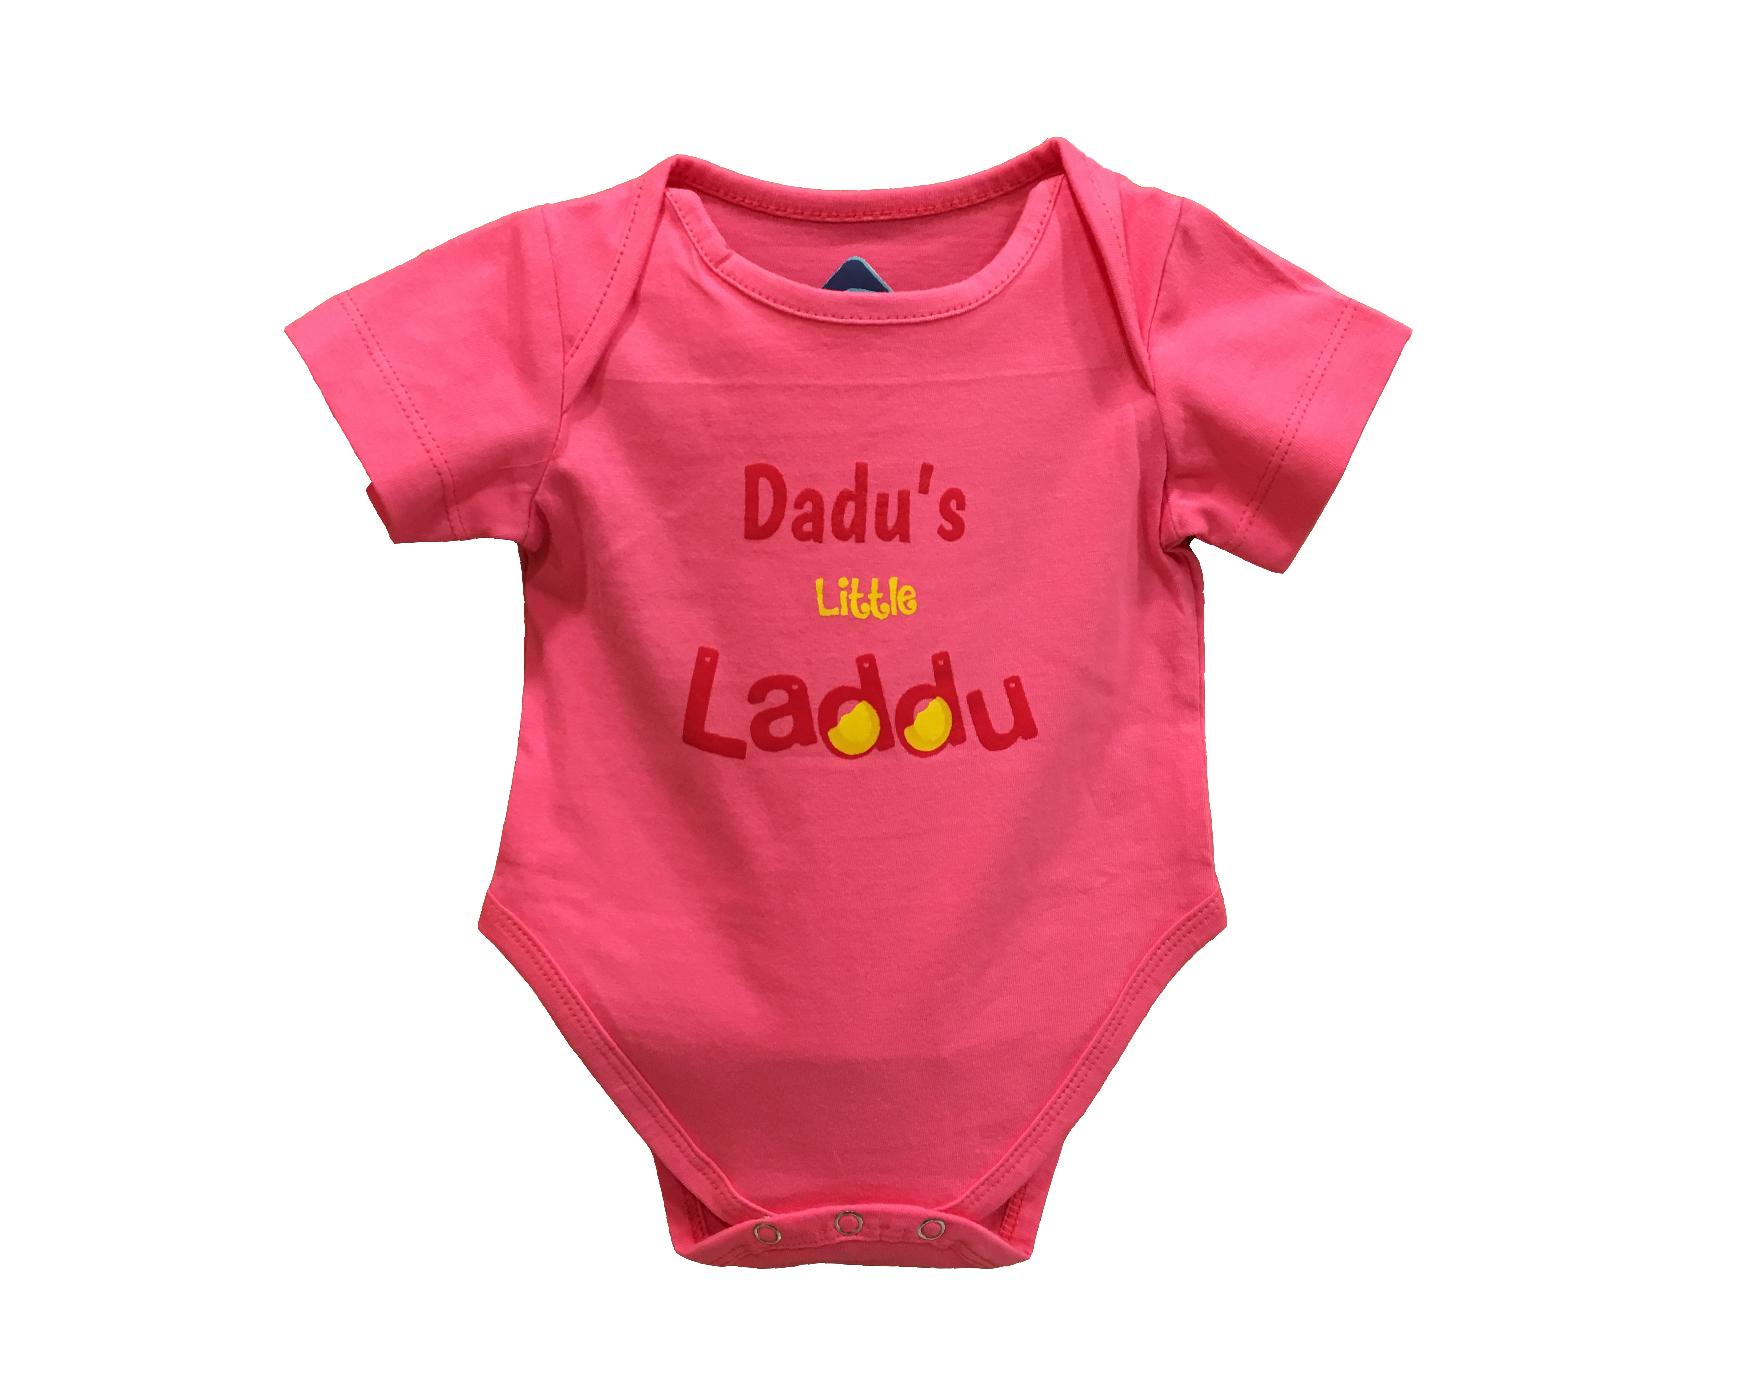 DADDUS-LITTLE-LADDU-PINK.jpg